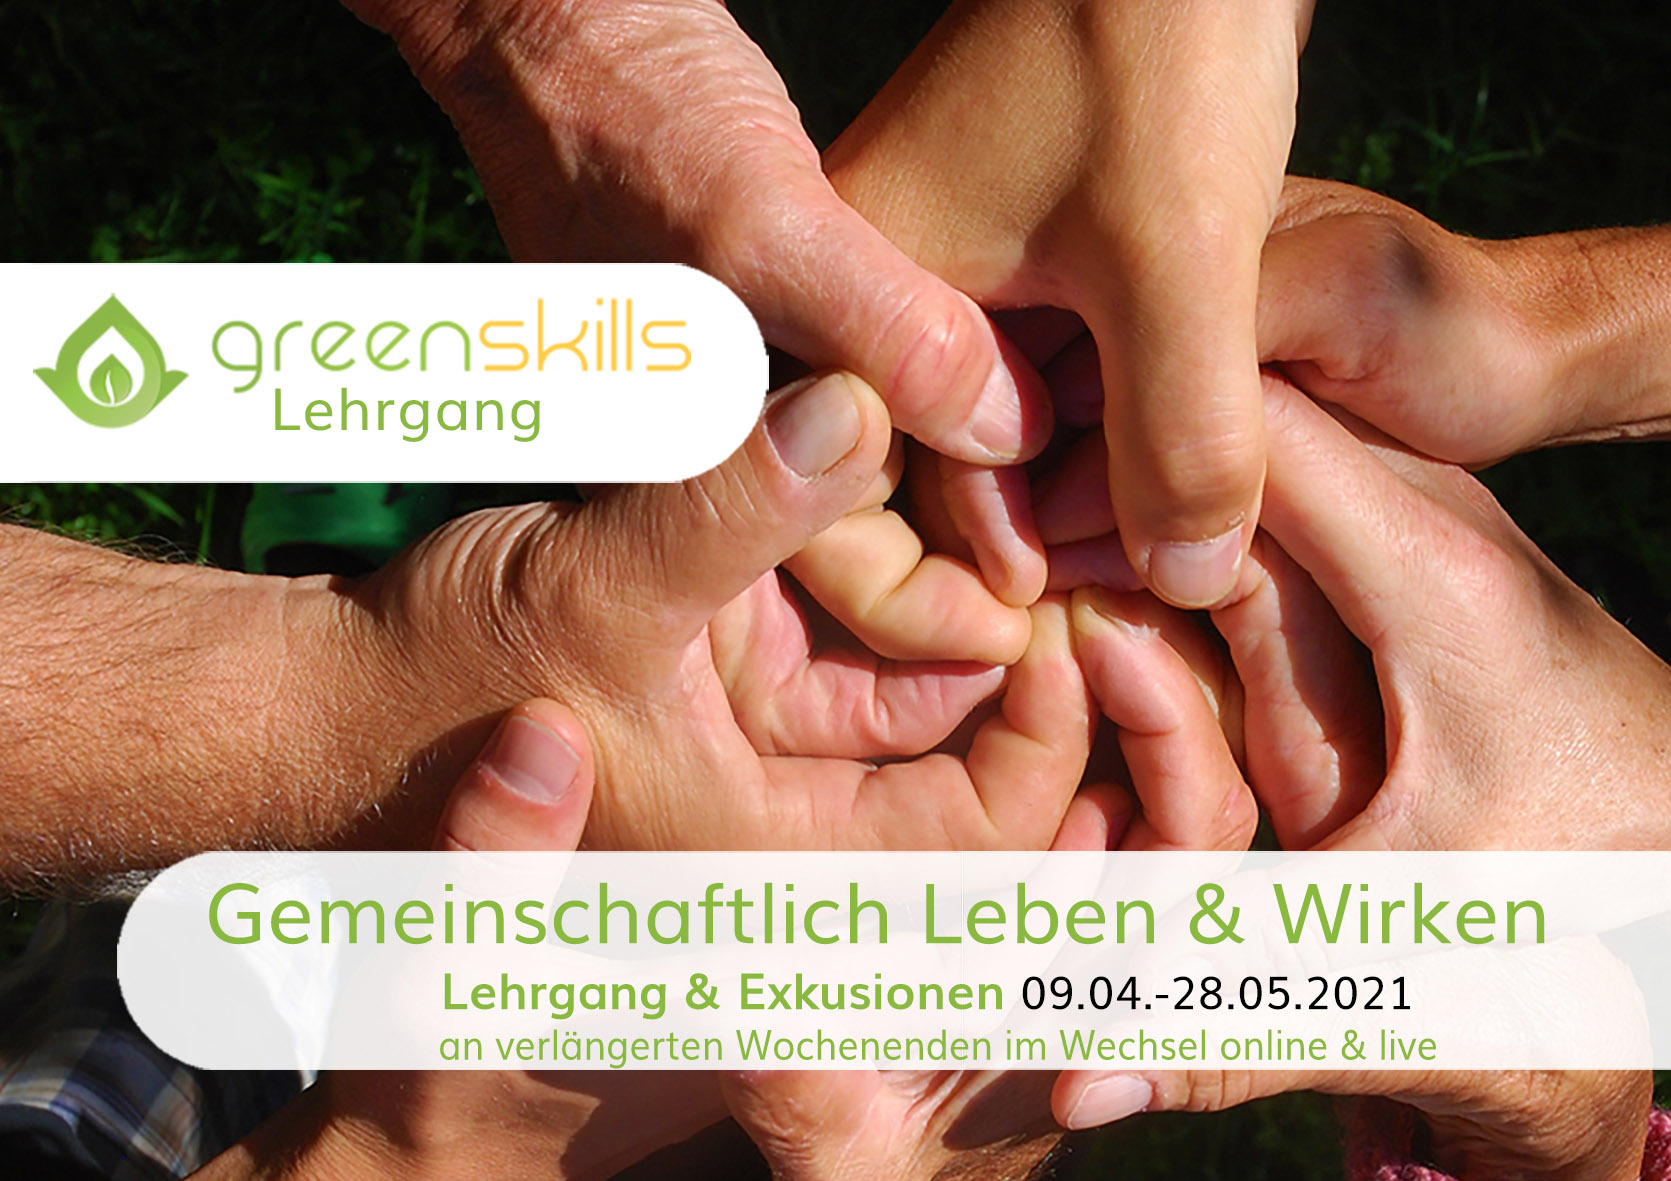 greenskills Flyer_gemeinschaftliches Leben&Wirken